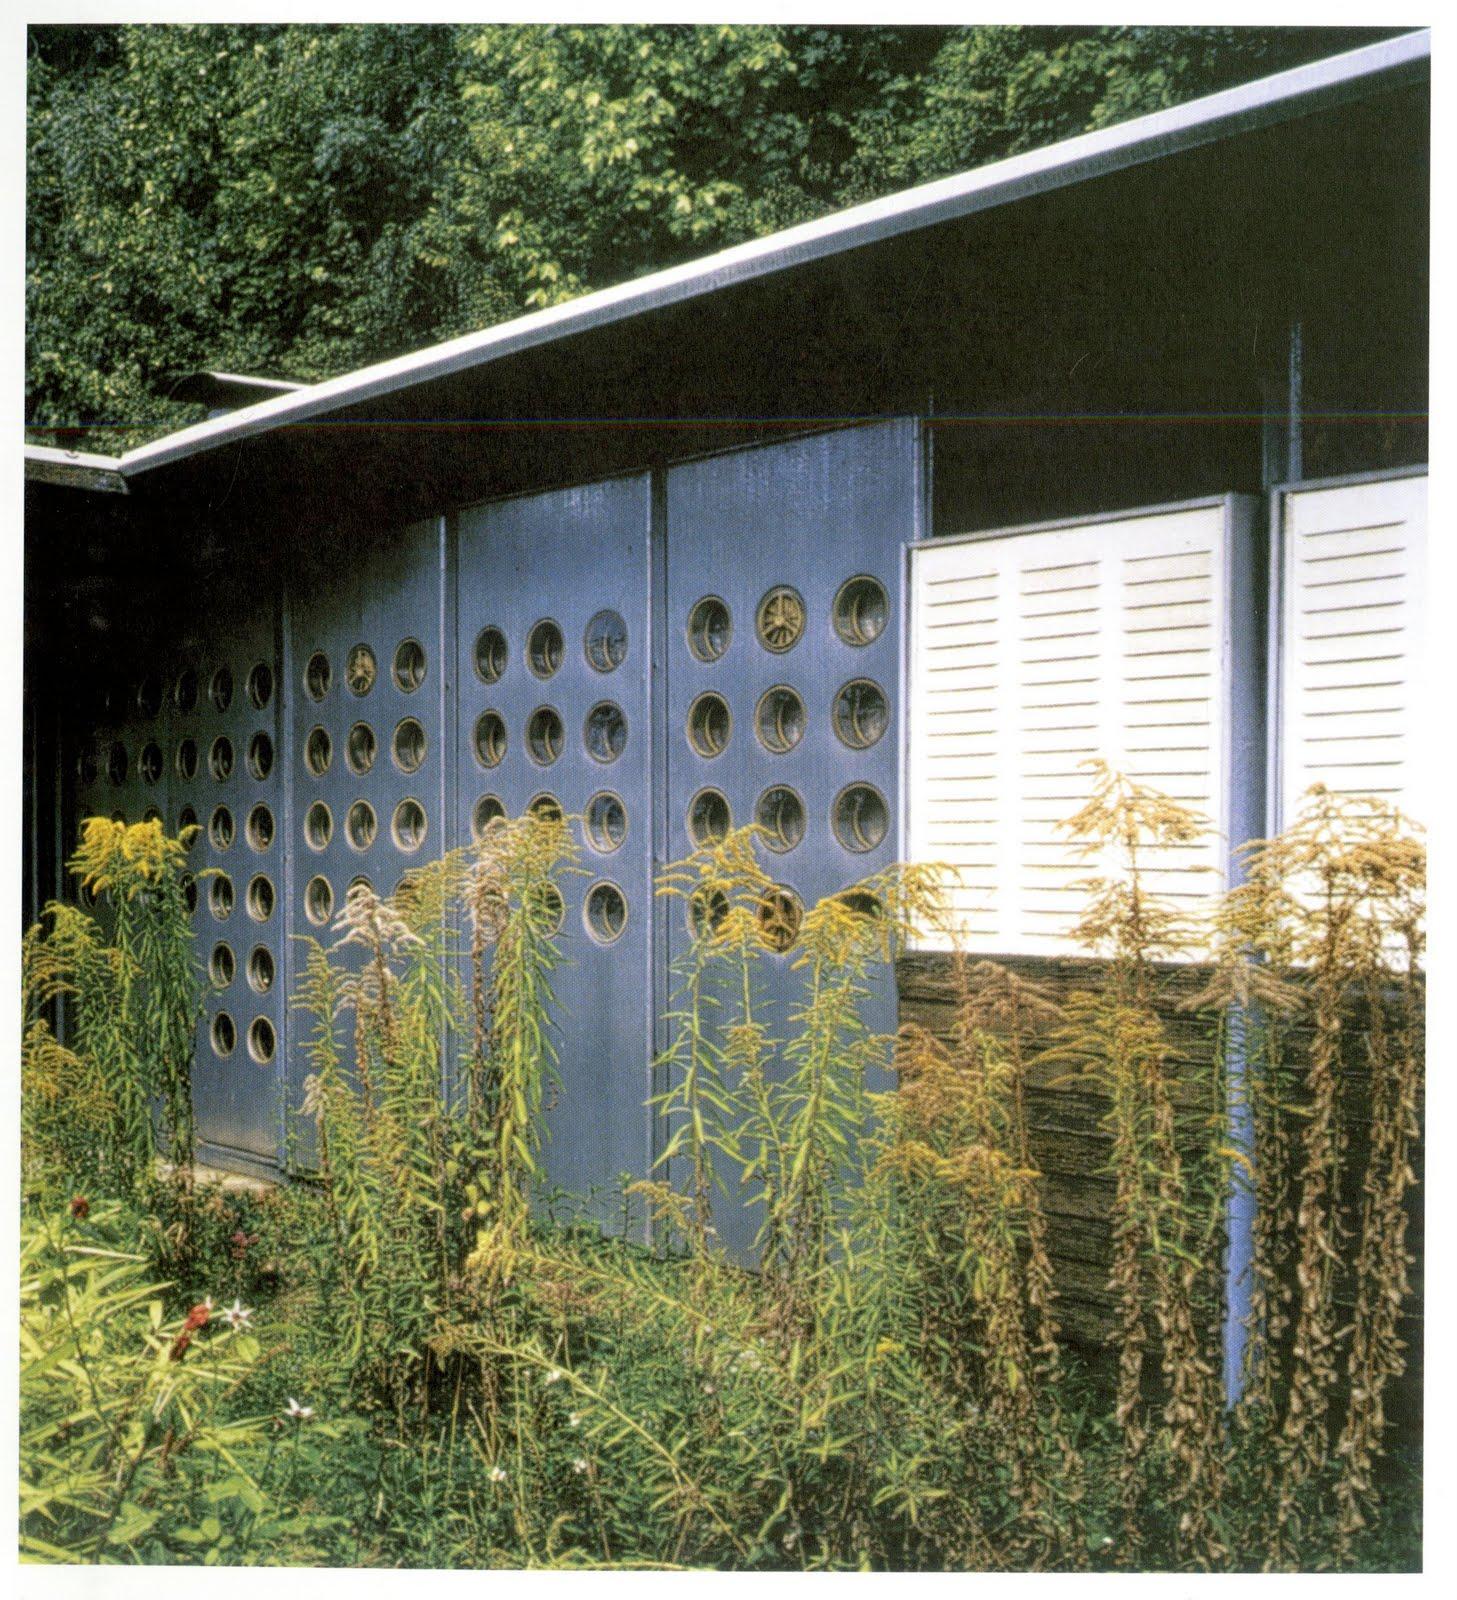 Arch 100 110 2011 les maisons tropicales maison de jean prouv 1954 - Maison de jean prouve ...